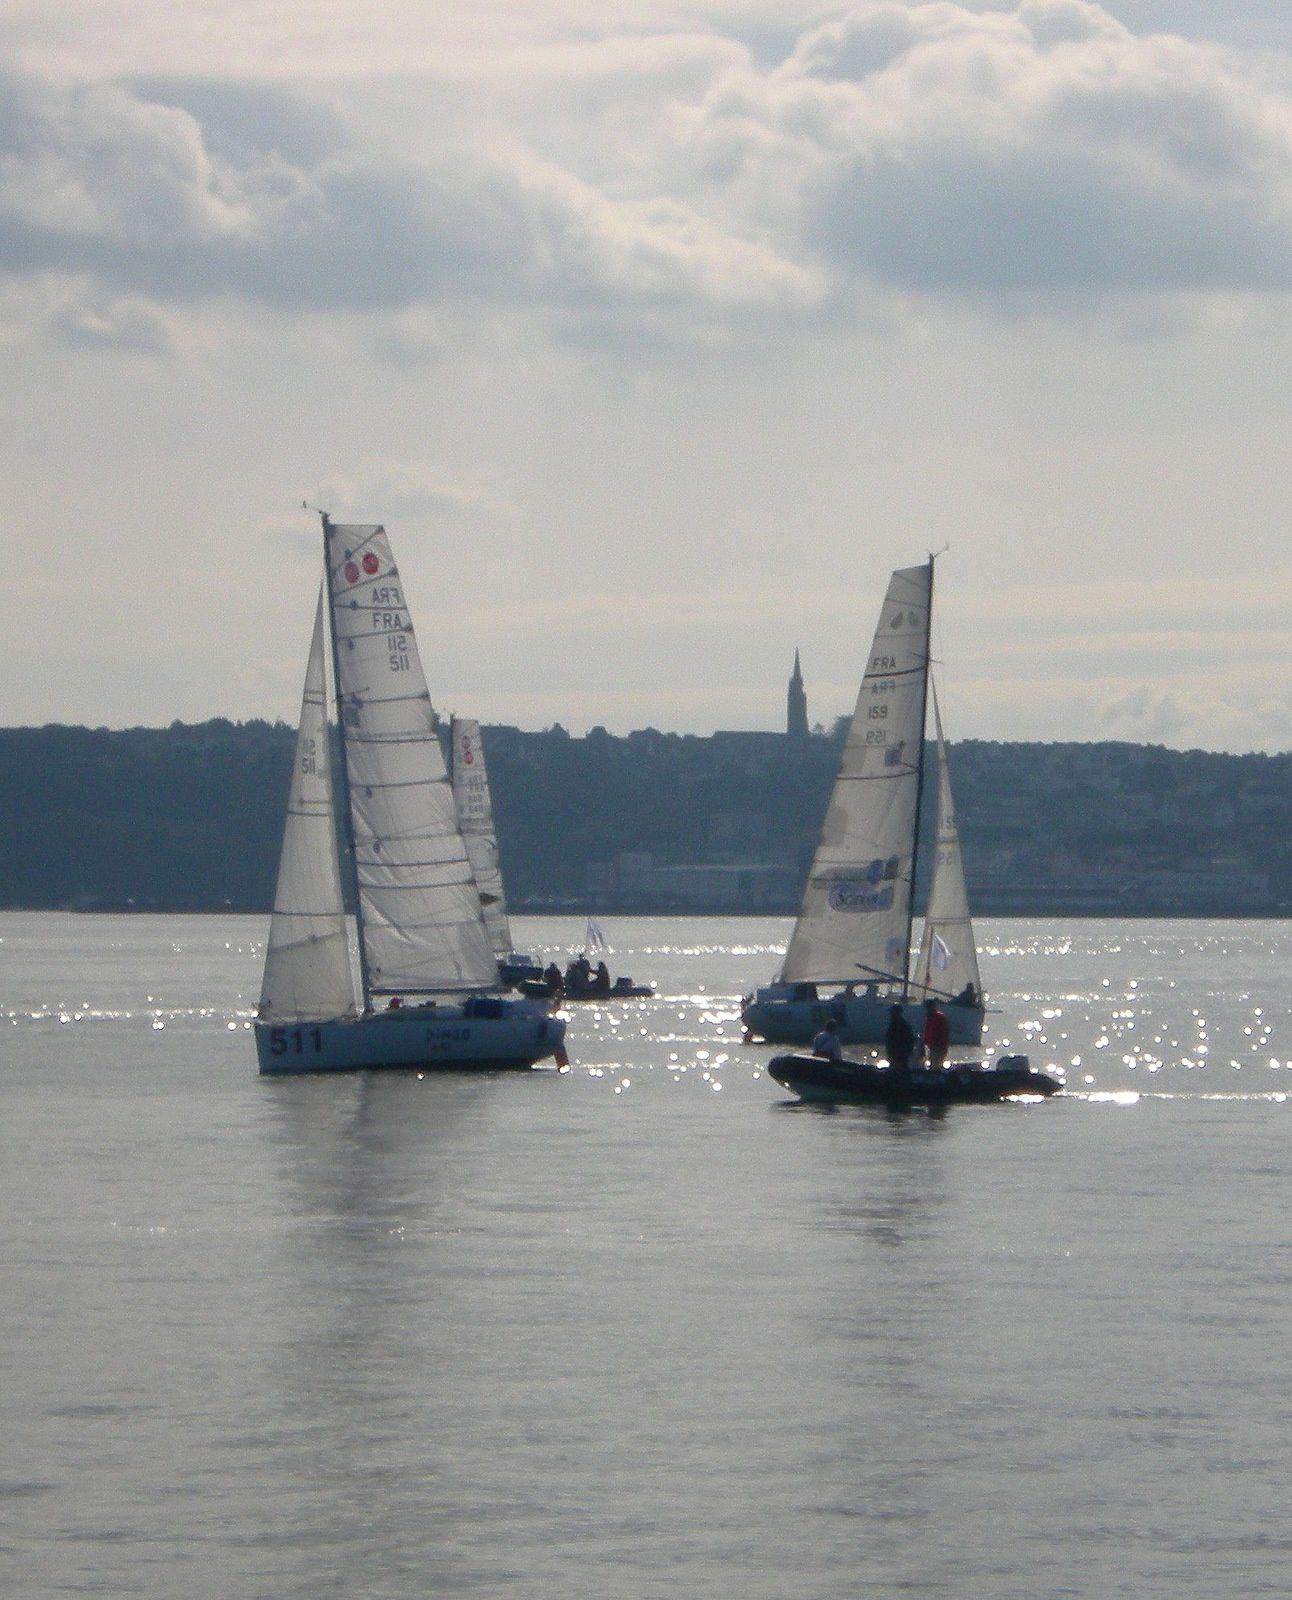 230 bis Mini Transat 2013 Les voiliers 6,50 m Photos en baie de Douarnenez